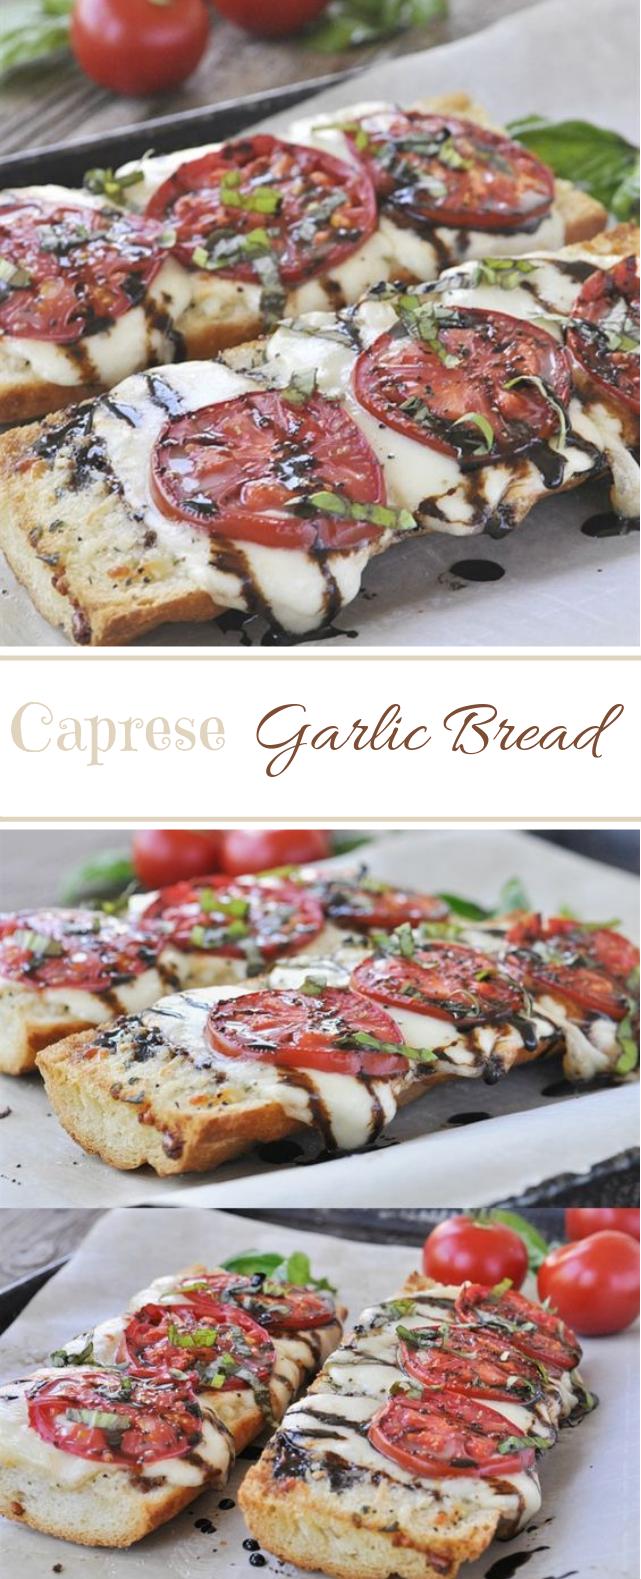 Caprese Garlic Bread #vegan #vegetarian